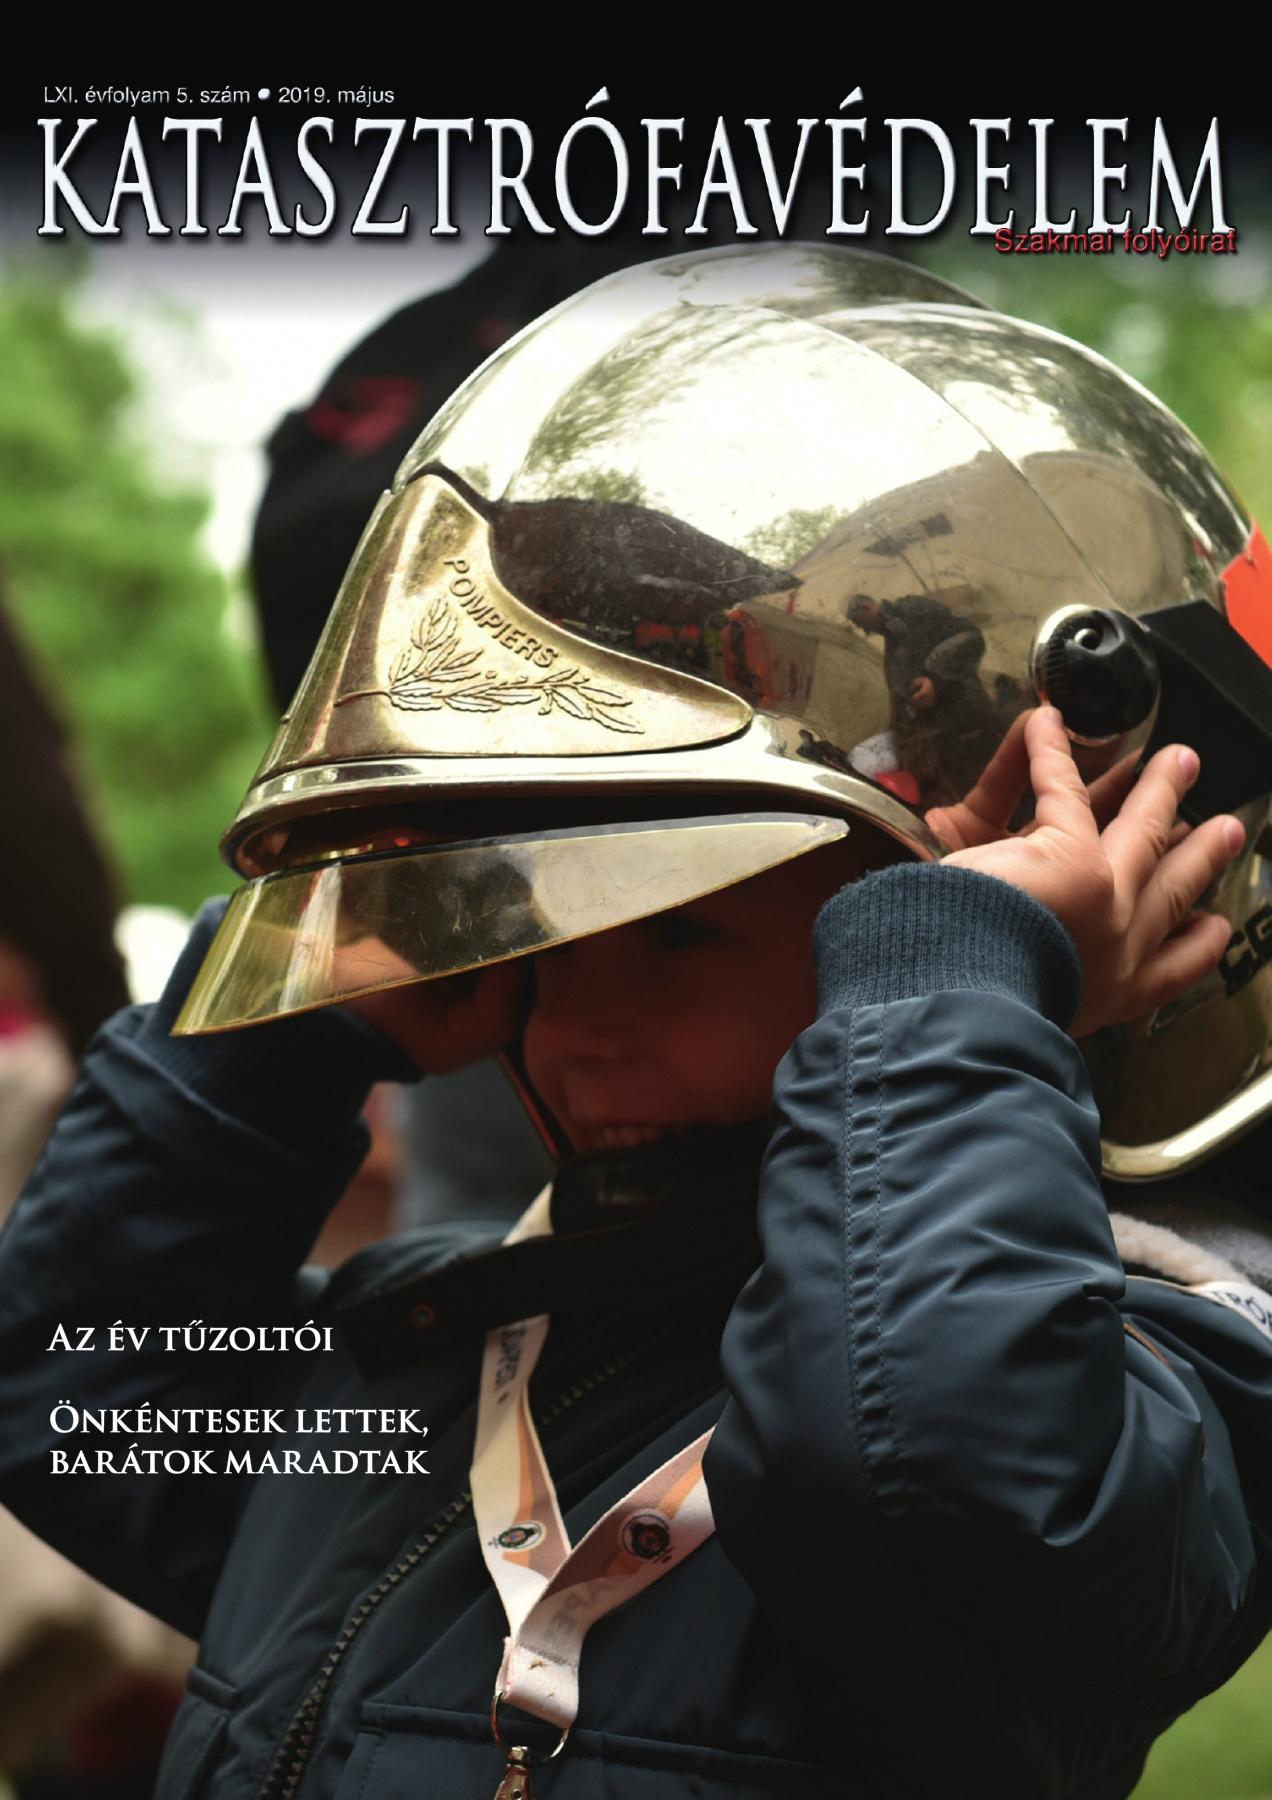 A Katasztrófavédelem magazin LXI. évfolyam 5. szám megtekintése